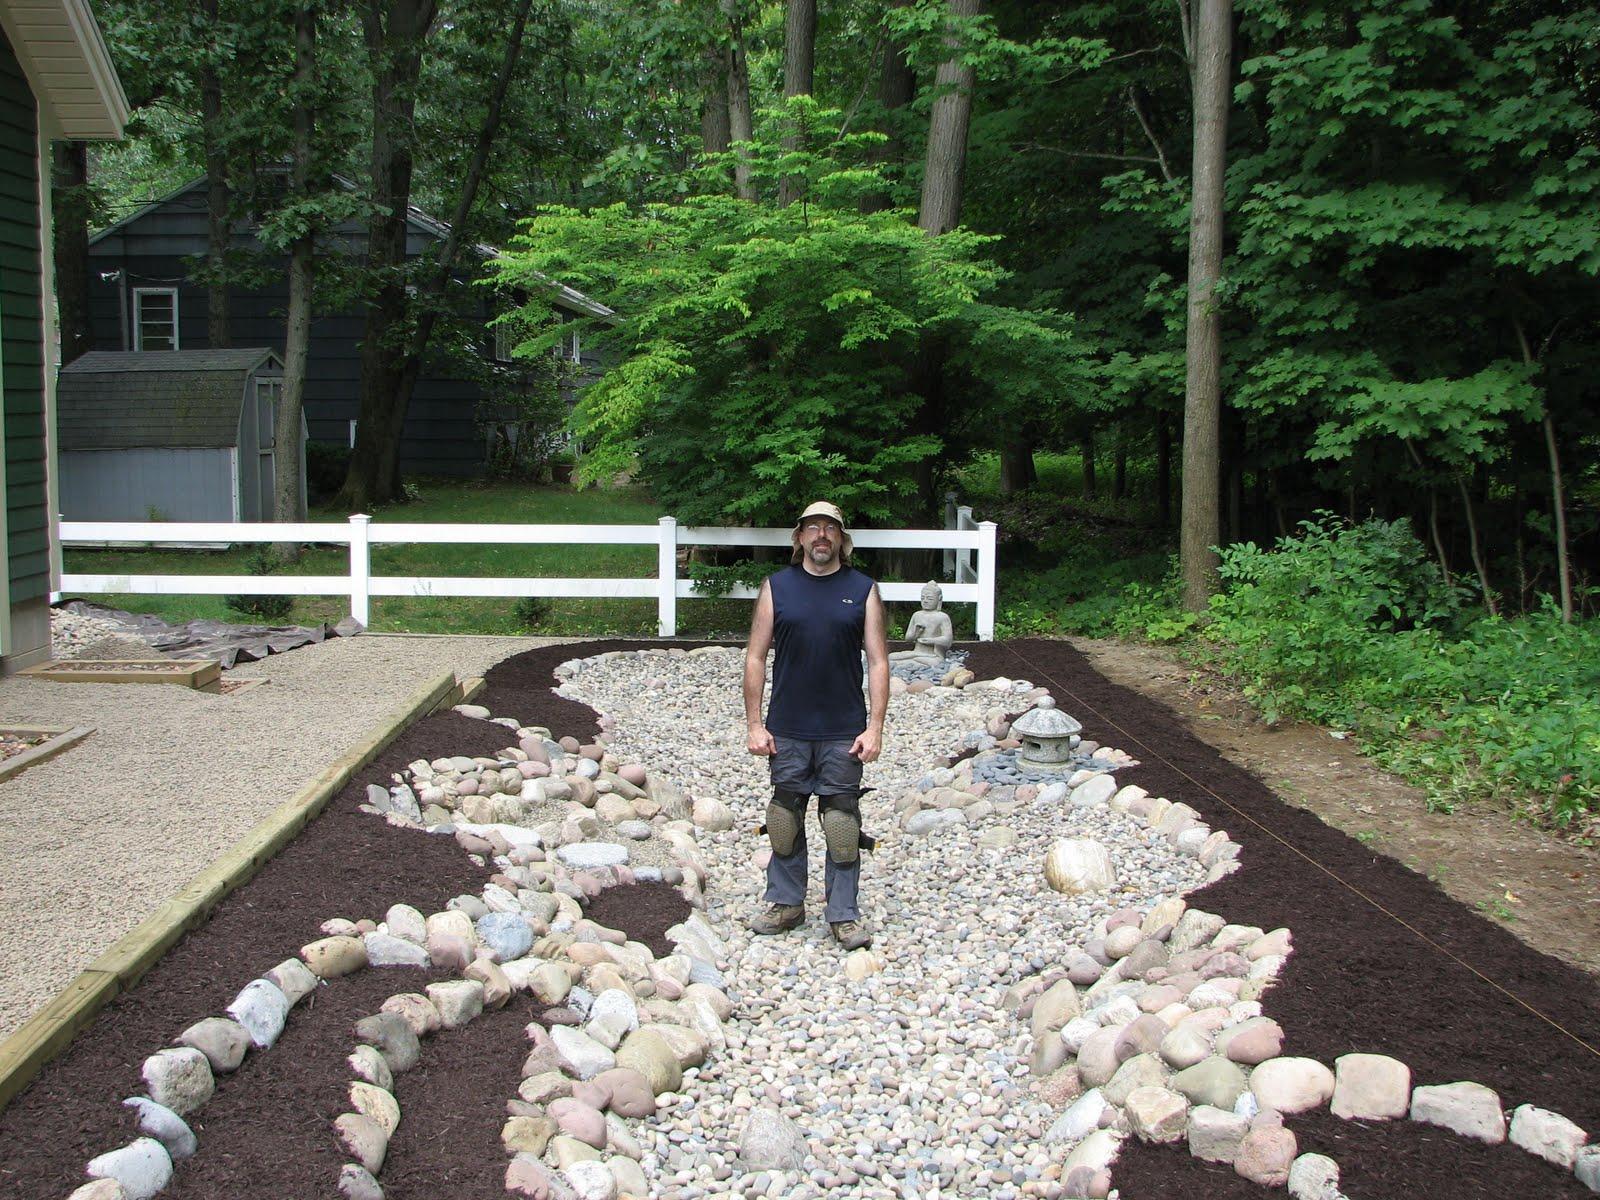 My zen garden zen master your garden will reveal yourself solutioingenieria Image collections